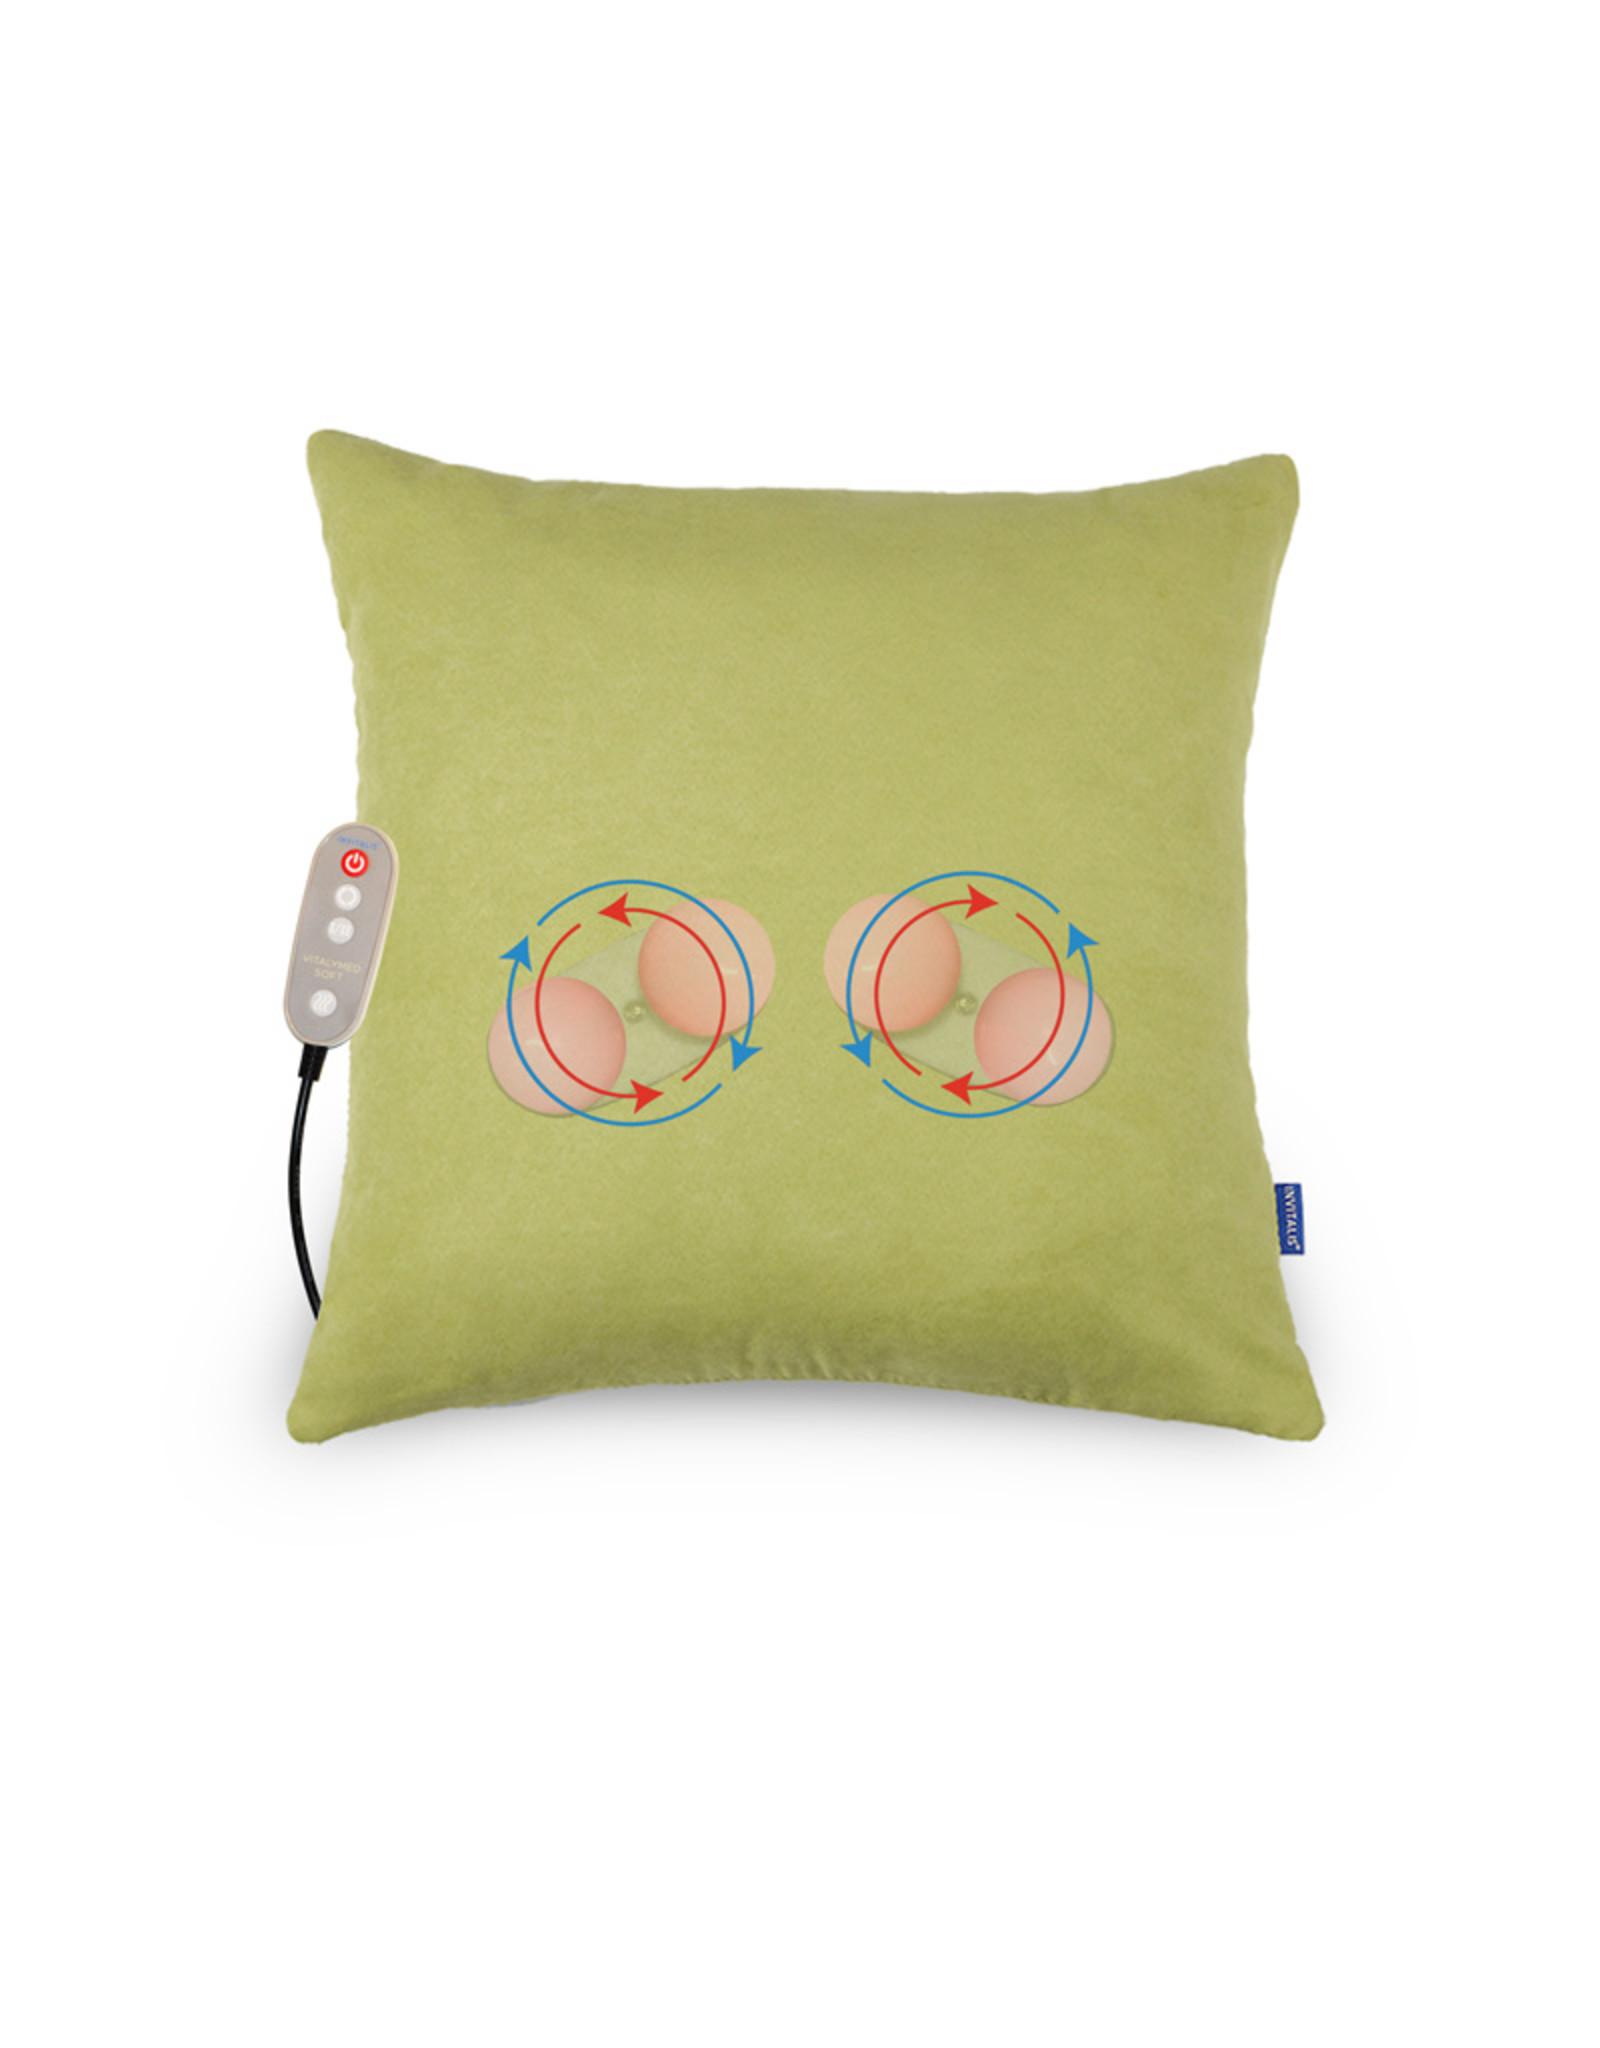 INVITALIS Vitalymed Soft - Verde lime